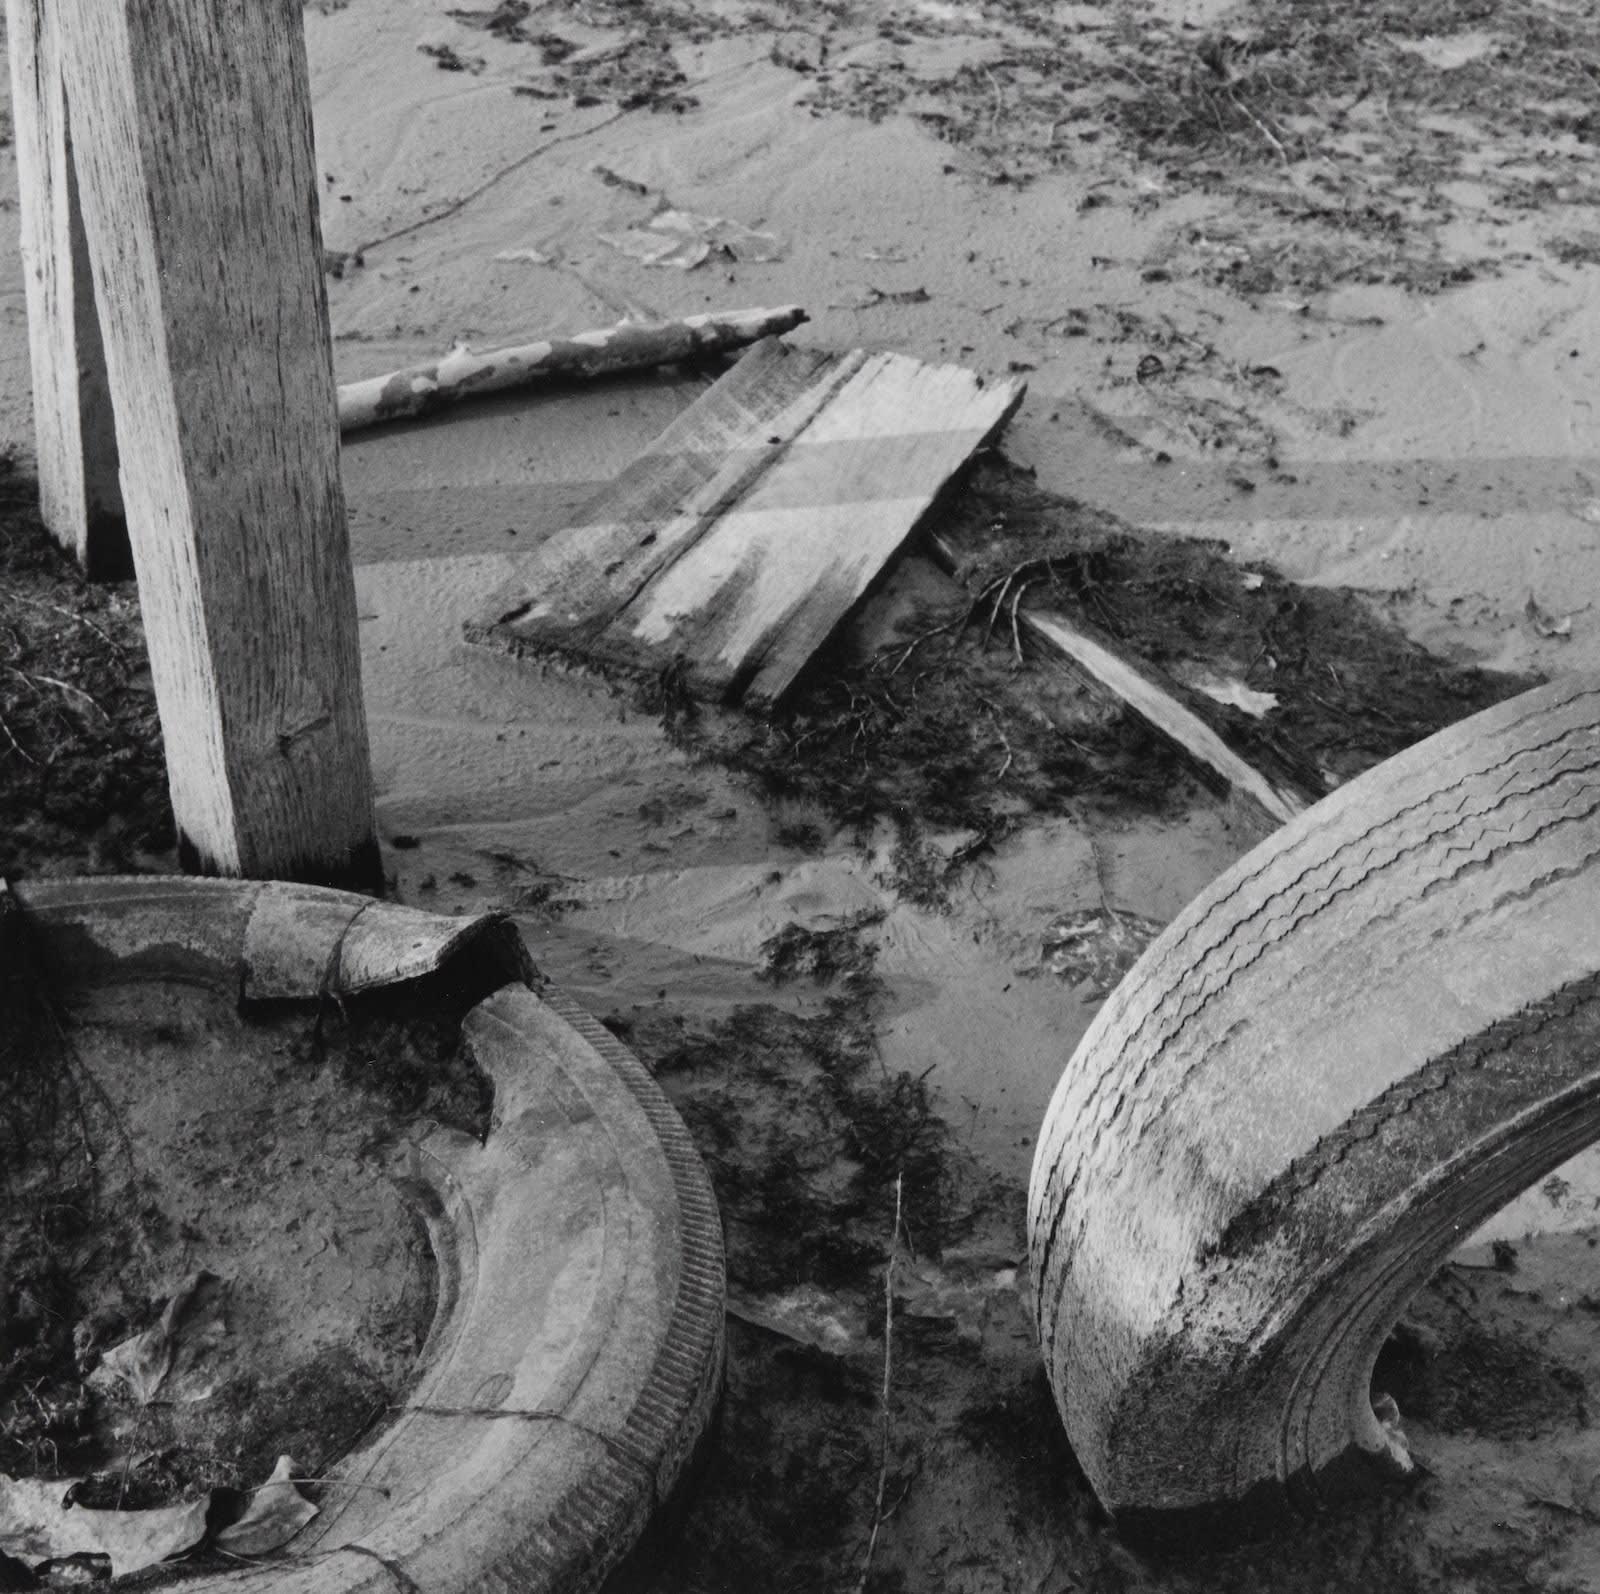 Steven Rifkin, Untitled, Lake Lemon, IN, 1976